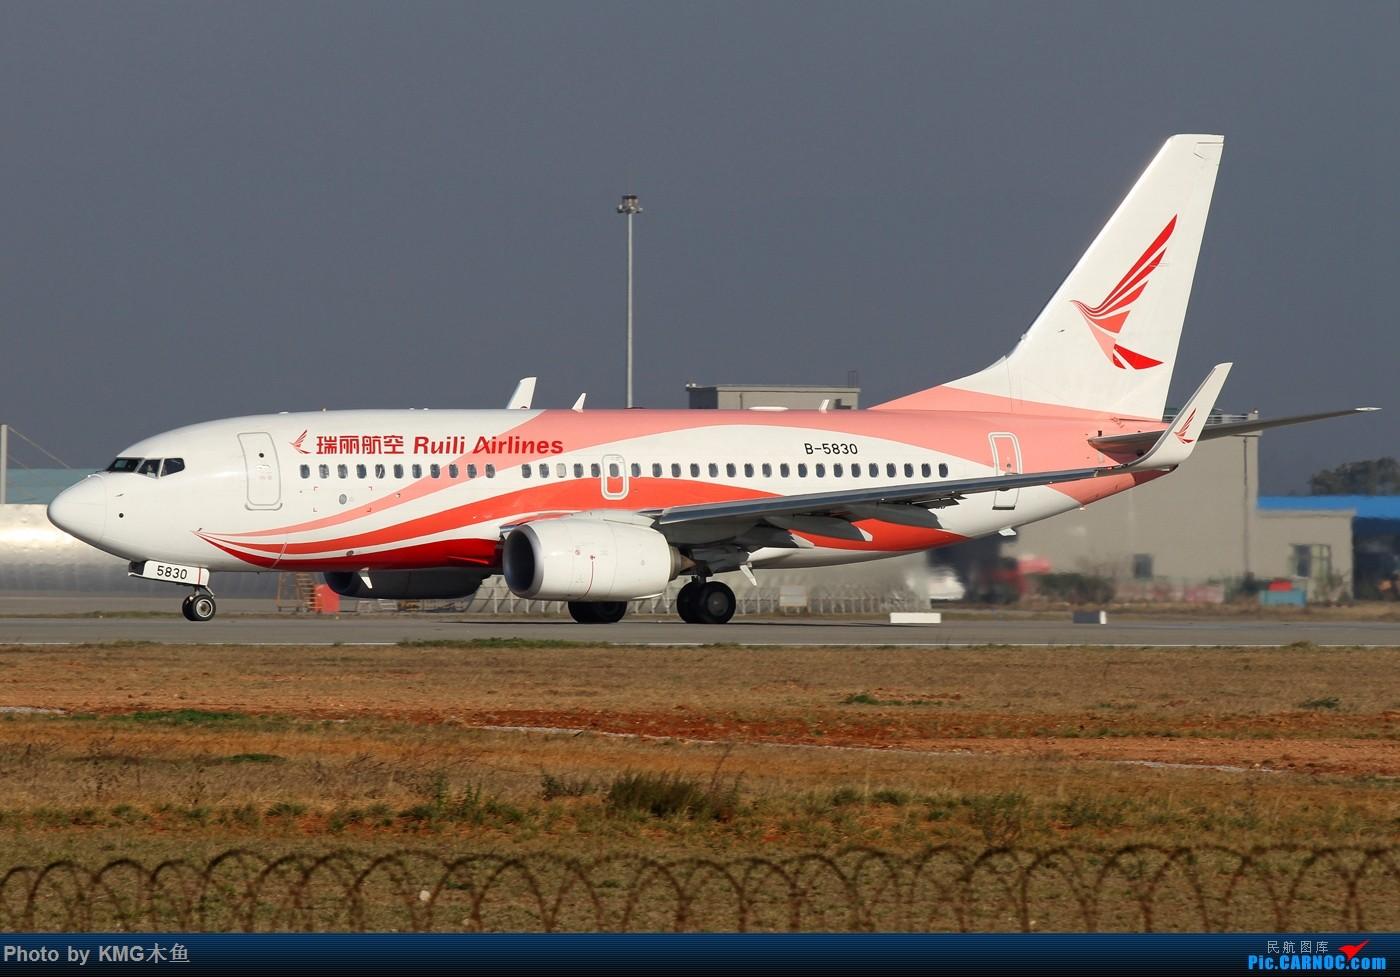 Re:[原创]【KMG昆明长水国际机场】好天气,拍到了好灰机,愉快的一天 BOEING 737-700 B-5830 中国昆明长水国际机场